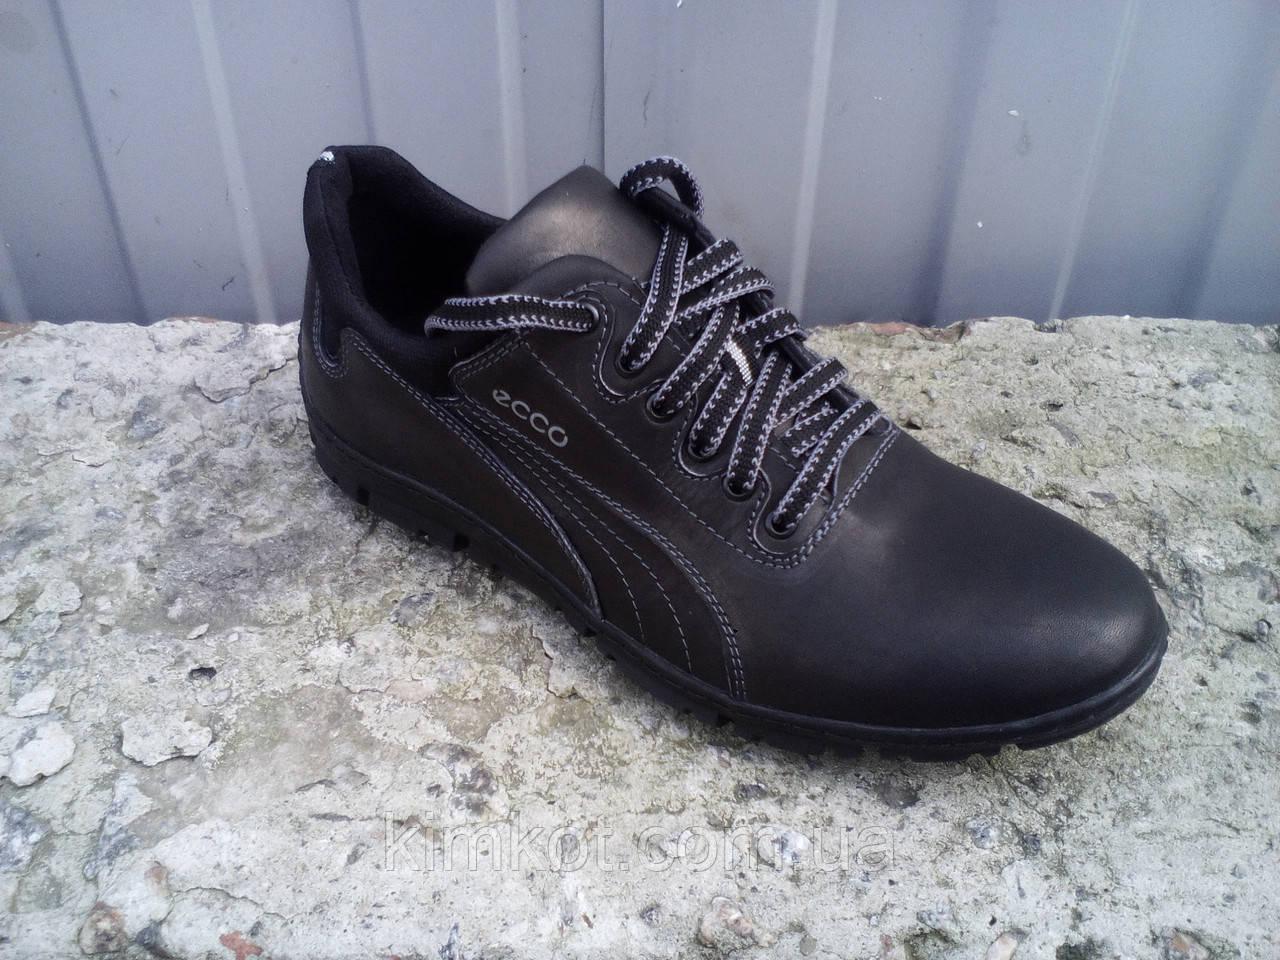 8704d5c4 Кроссовки туфли мужские кожаные Ecco 40 -45 р-р - Интернет-Магазин